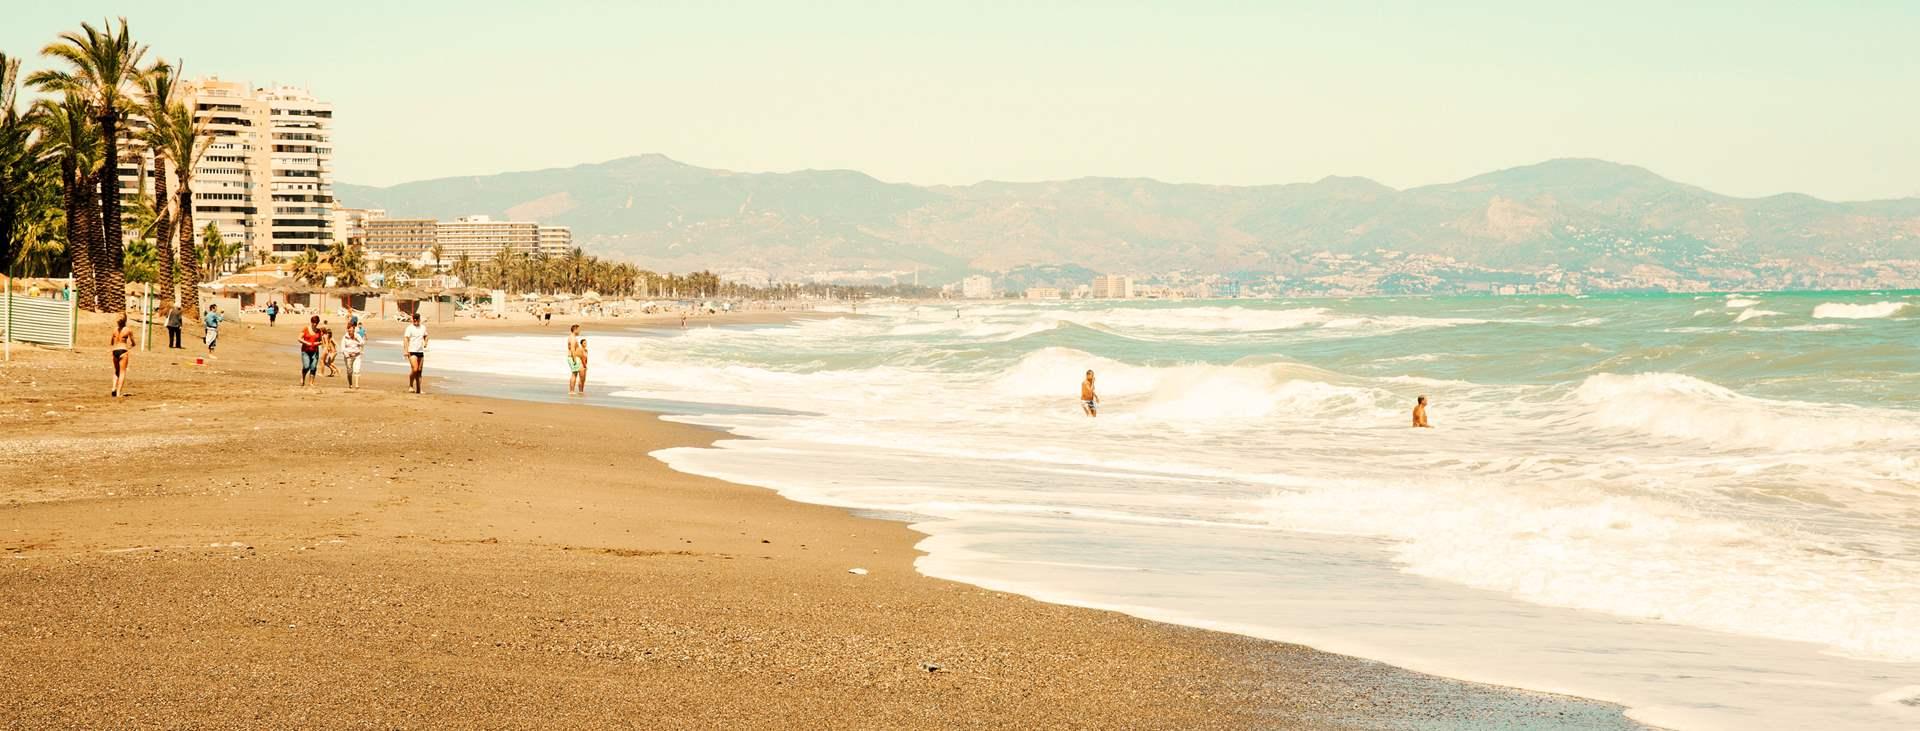 Resor till Torremolinos på Costa del Sol i Spanien